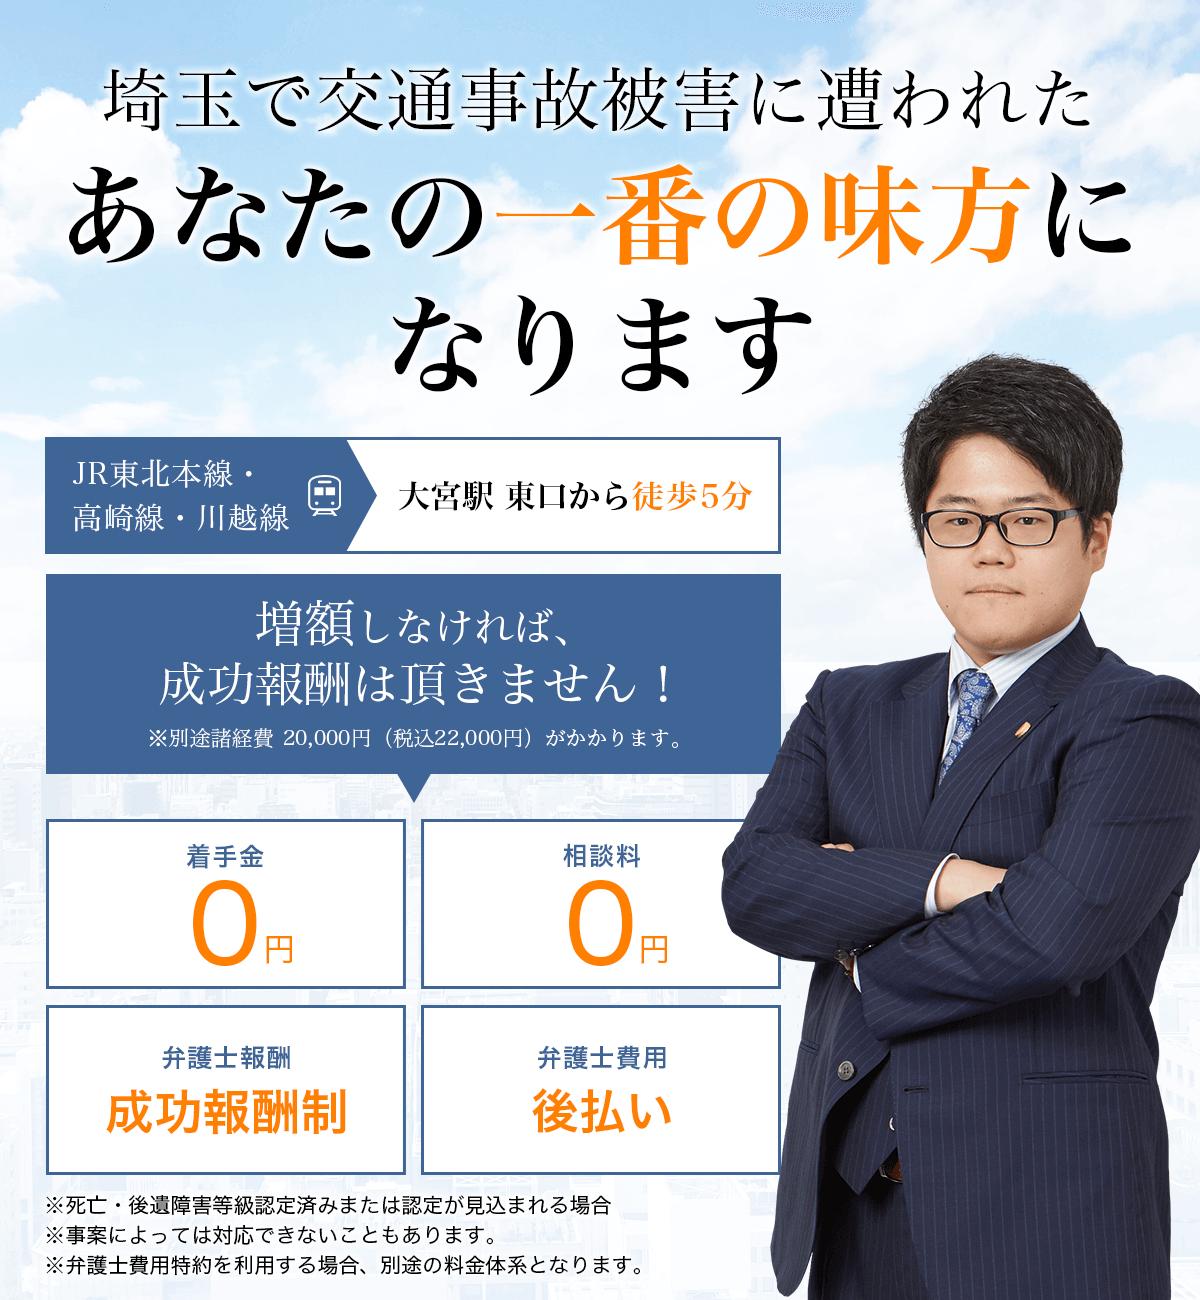 埼玉で交通事故被害に遭われた方へ保険会社とのやり取りや賠償額の交渉は弁護士へご相談ください。最終的な解決までしっかりサポート致します。弁護士法人ALG&Associates